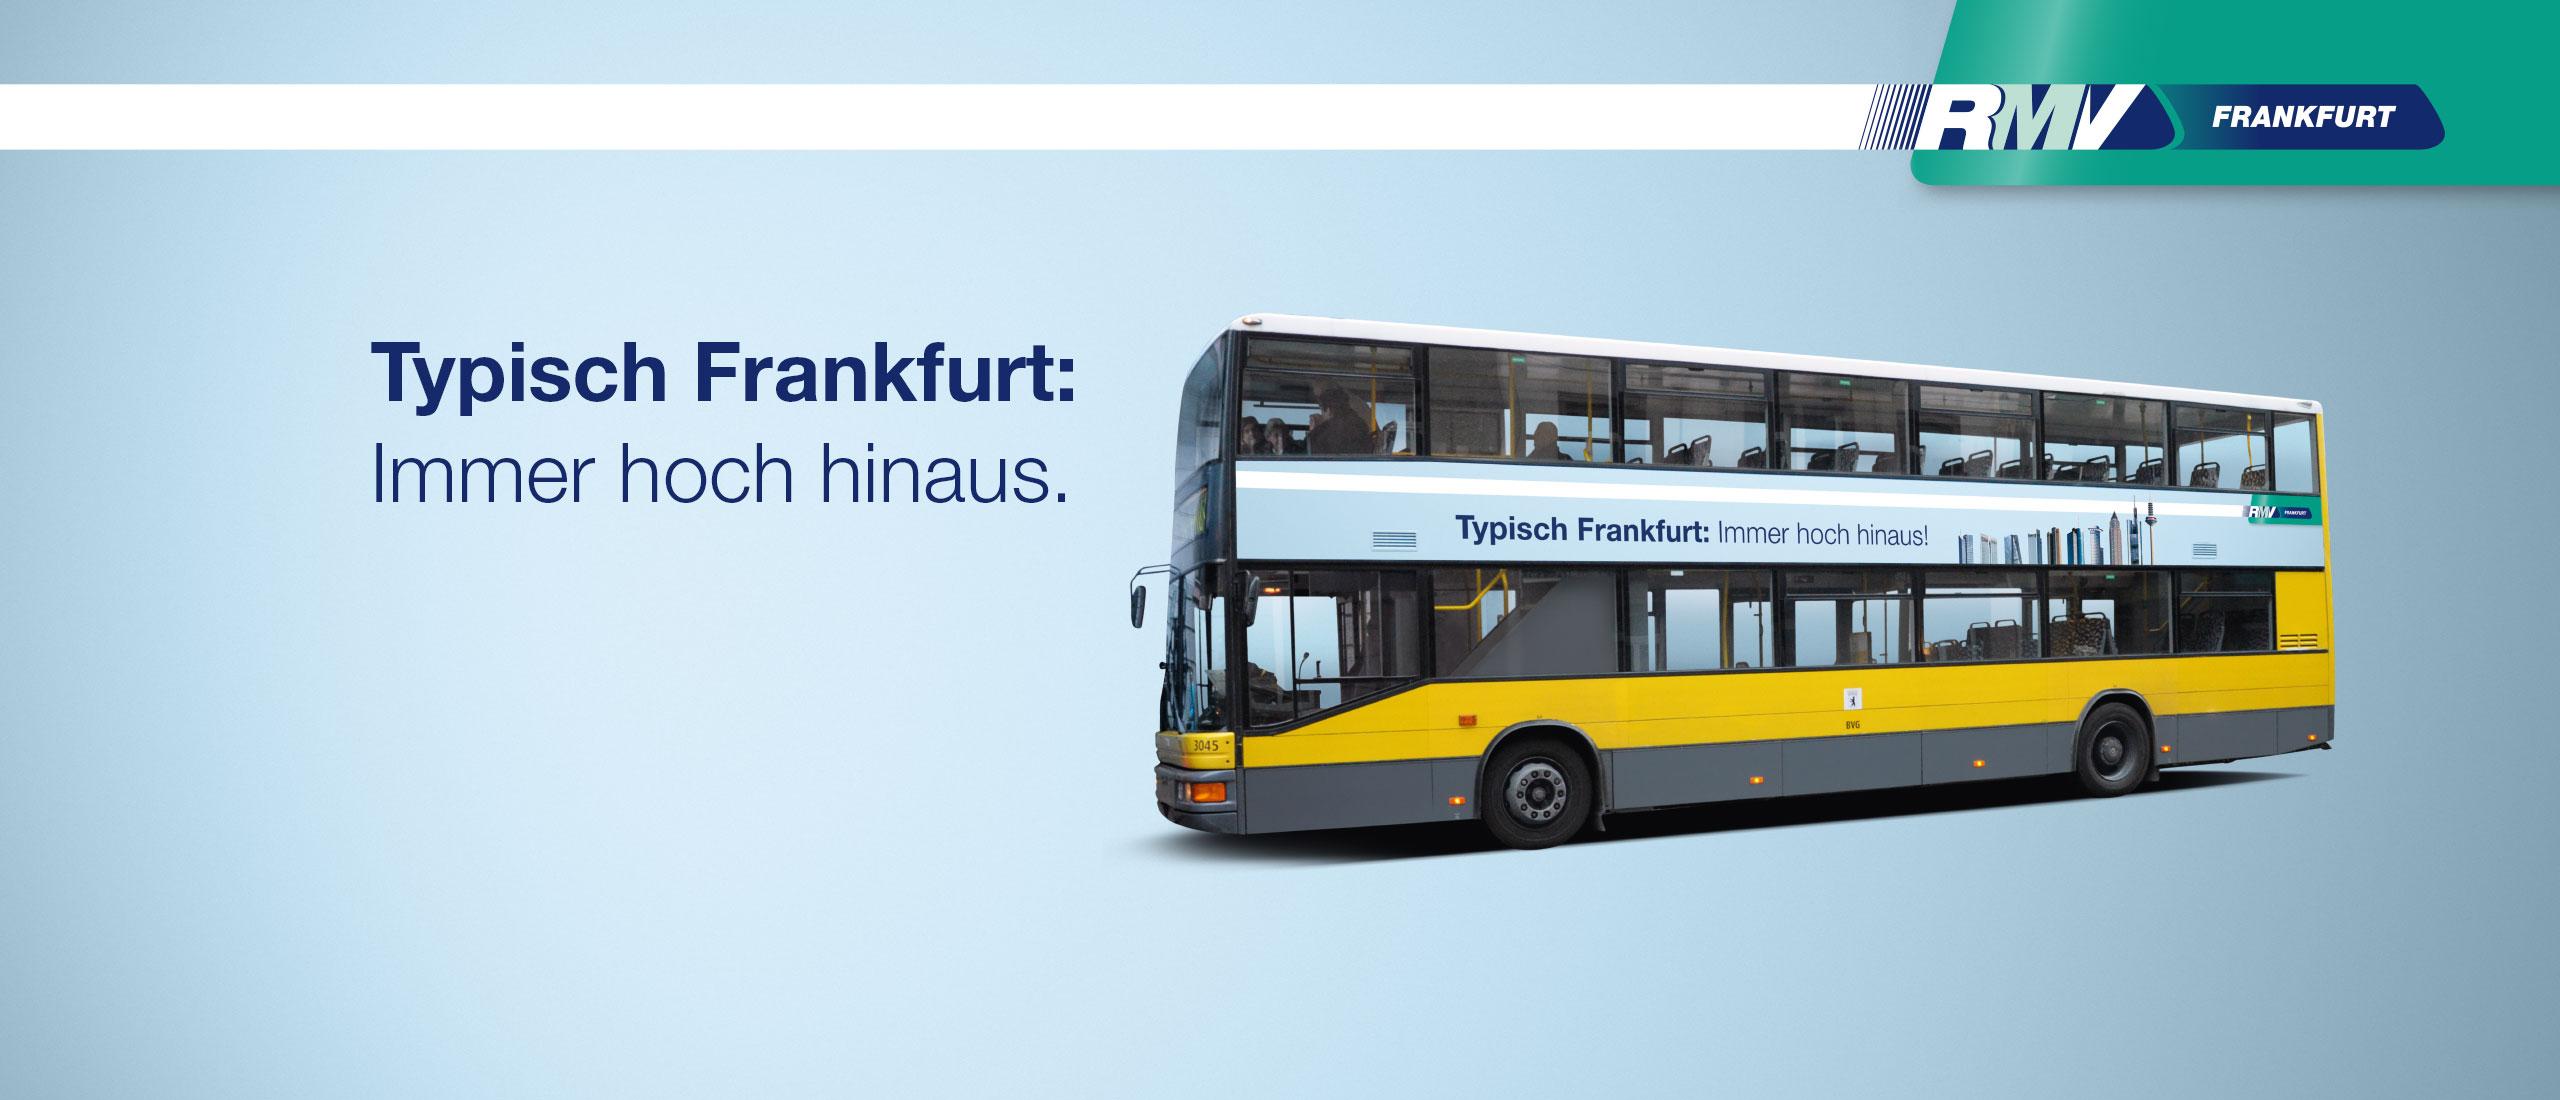 RMV_Frankfurt_TypischFrankfurt_Kampagne_Header_Slider_04